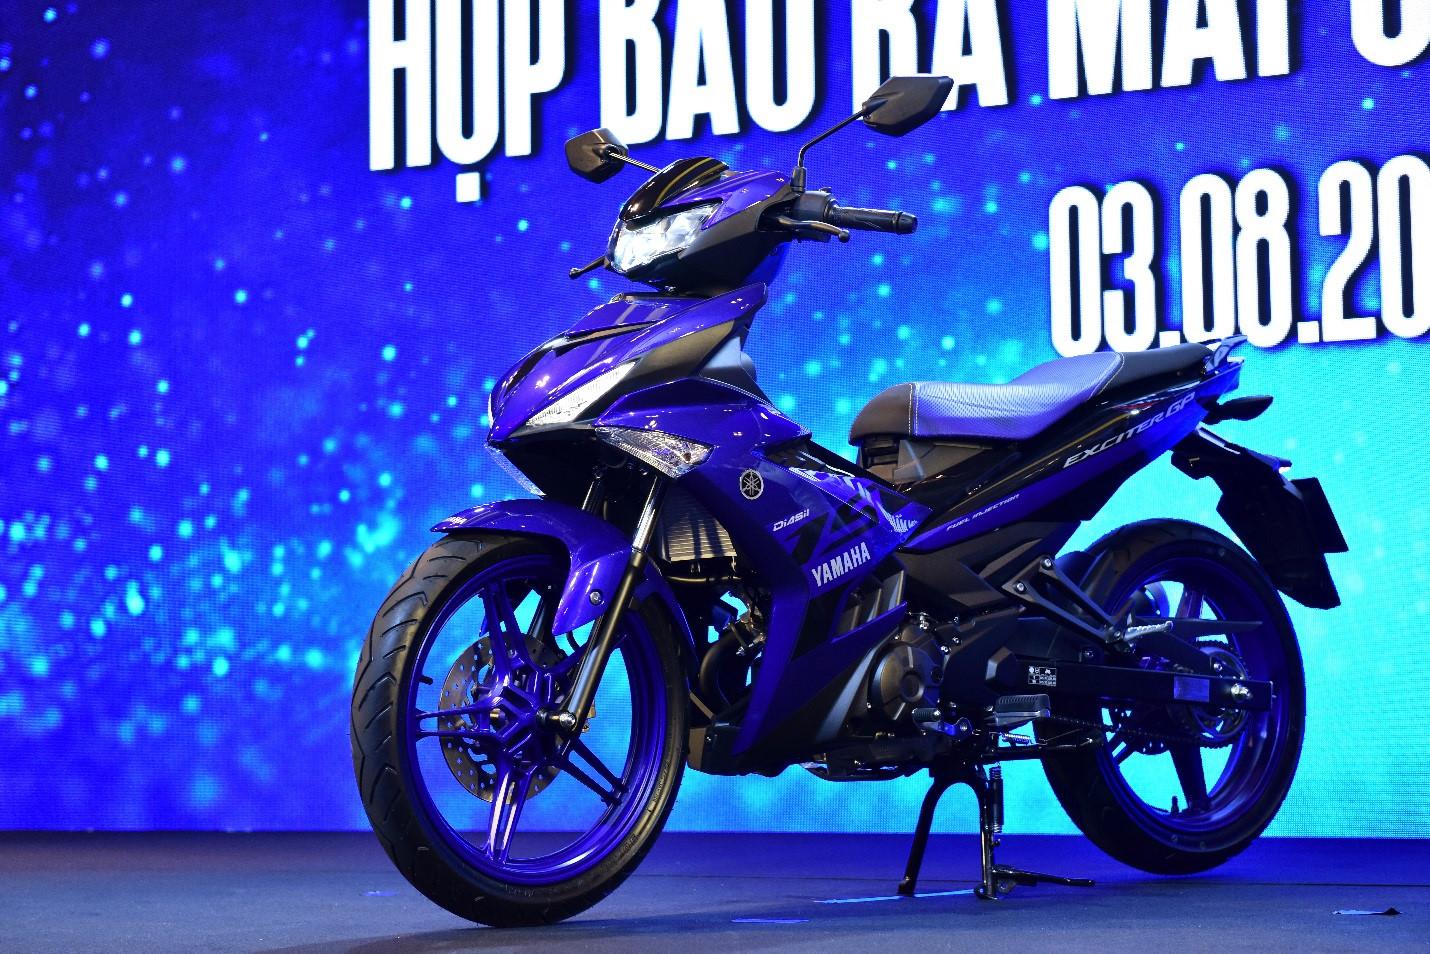 Yamaha Exciter 150 mới nâng cấp những gì? Ảnh 1